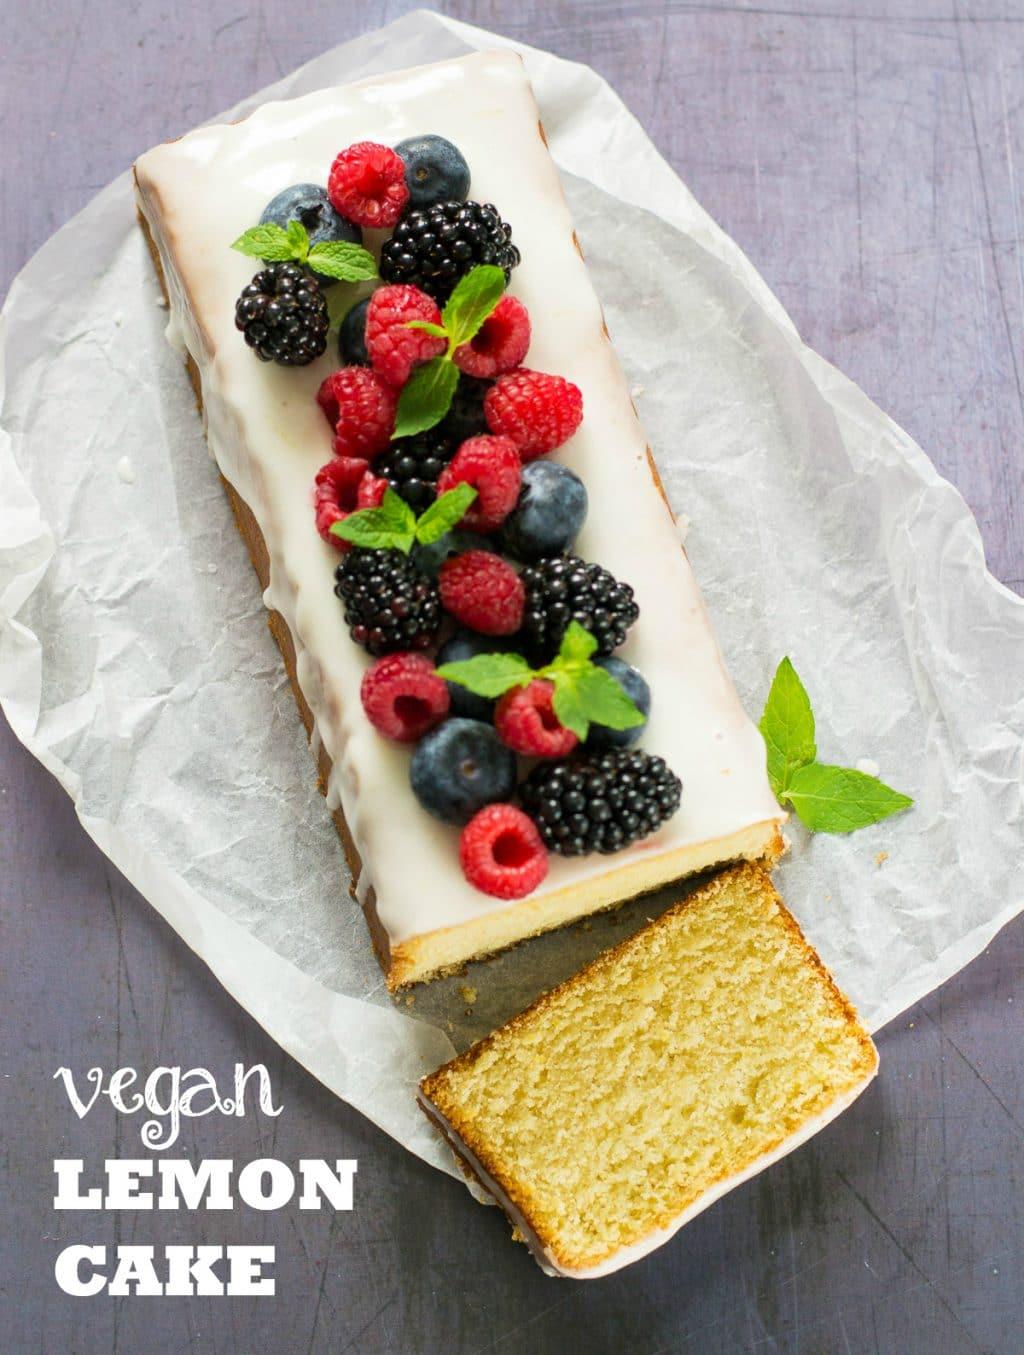 Easy Vegan Lemon Cake